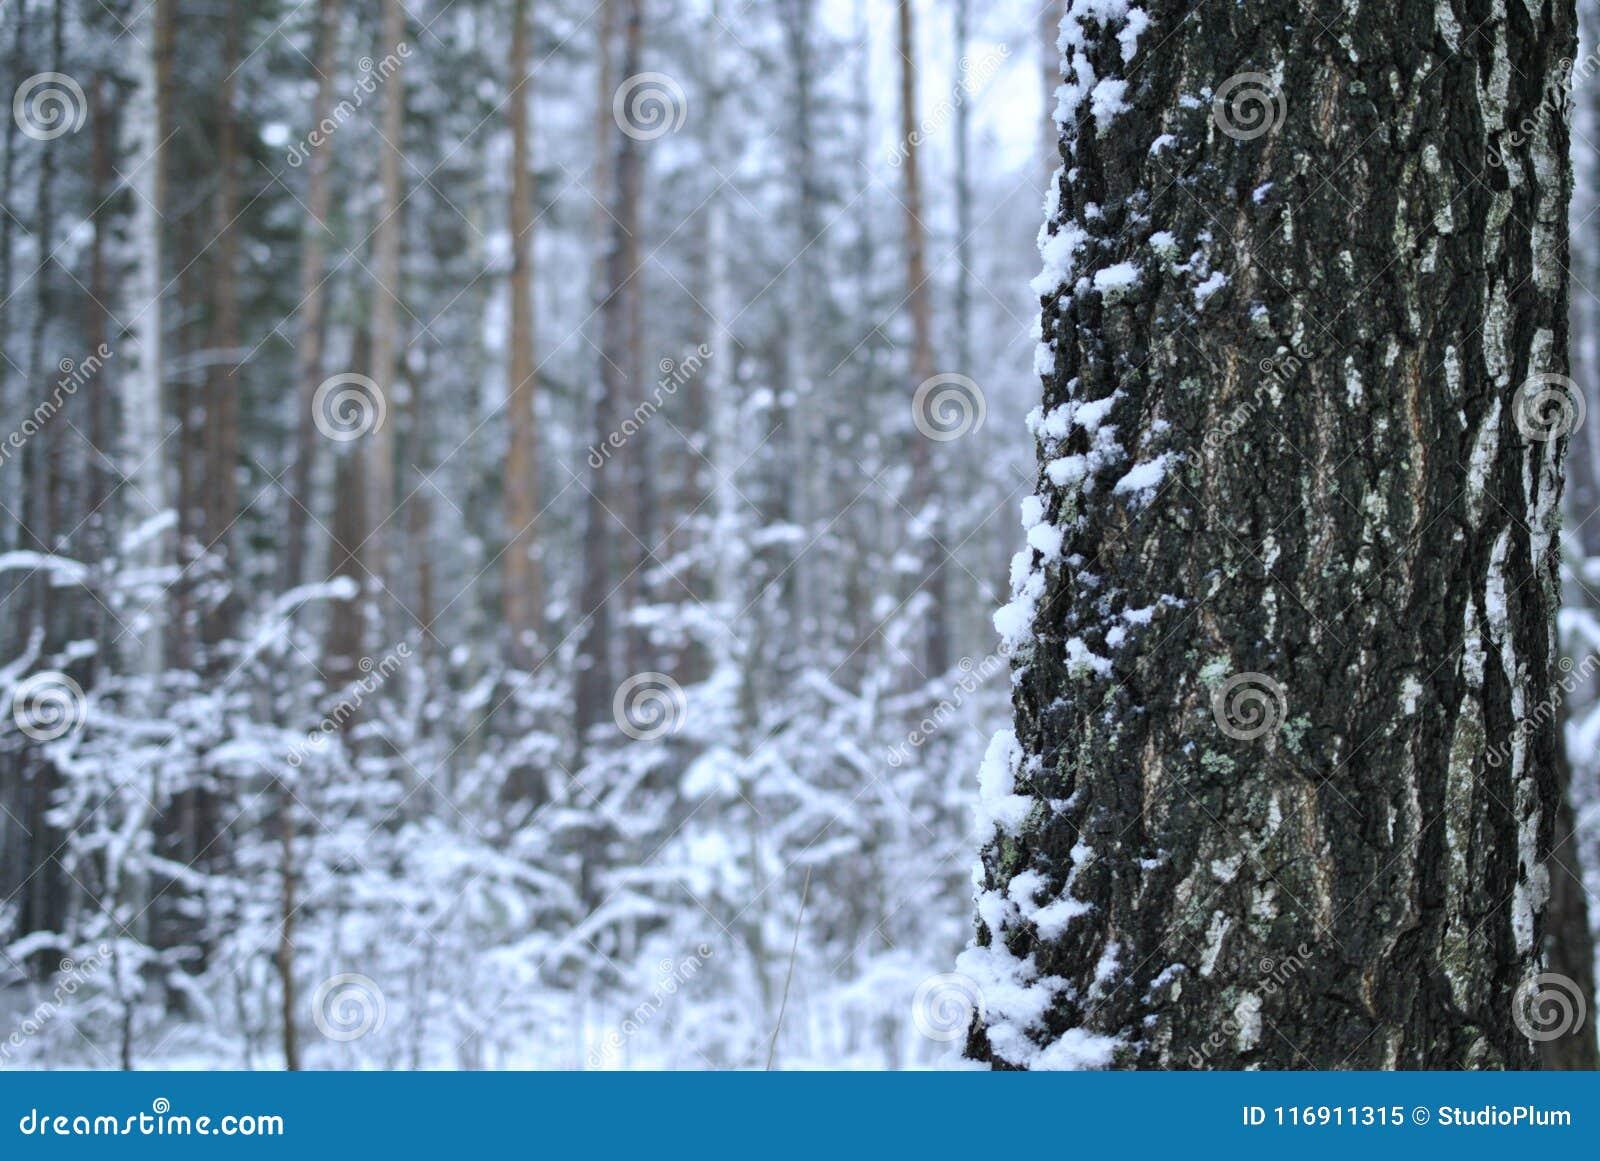 Boomstam van een berkboom in de winter